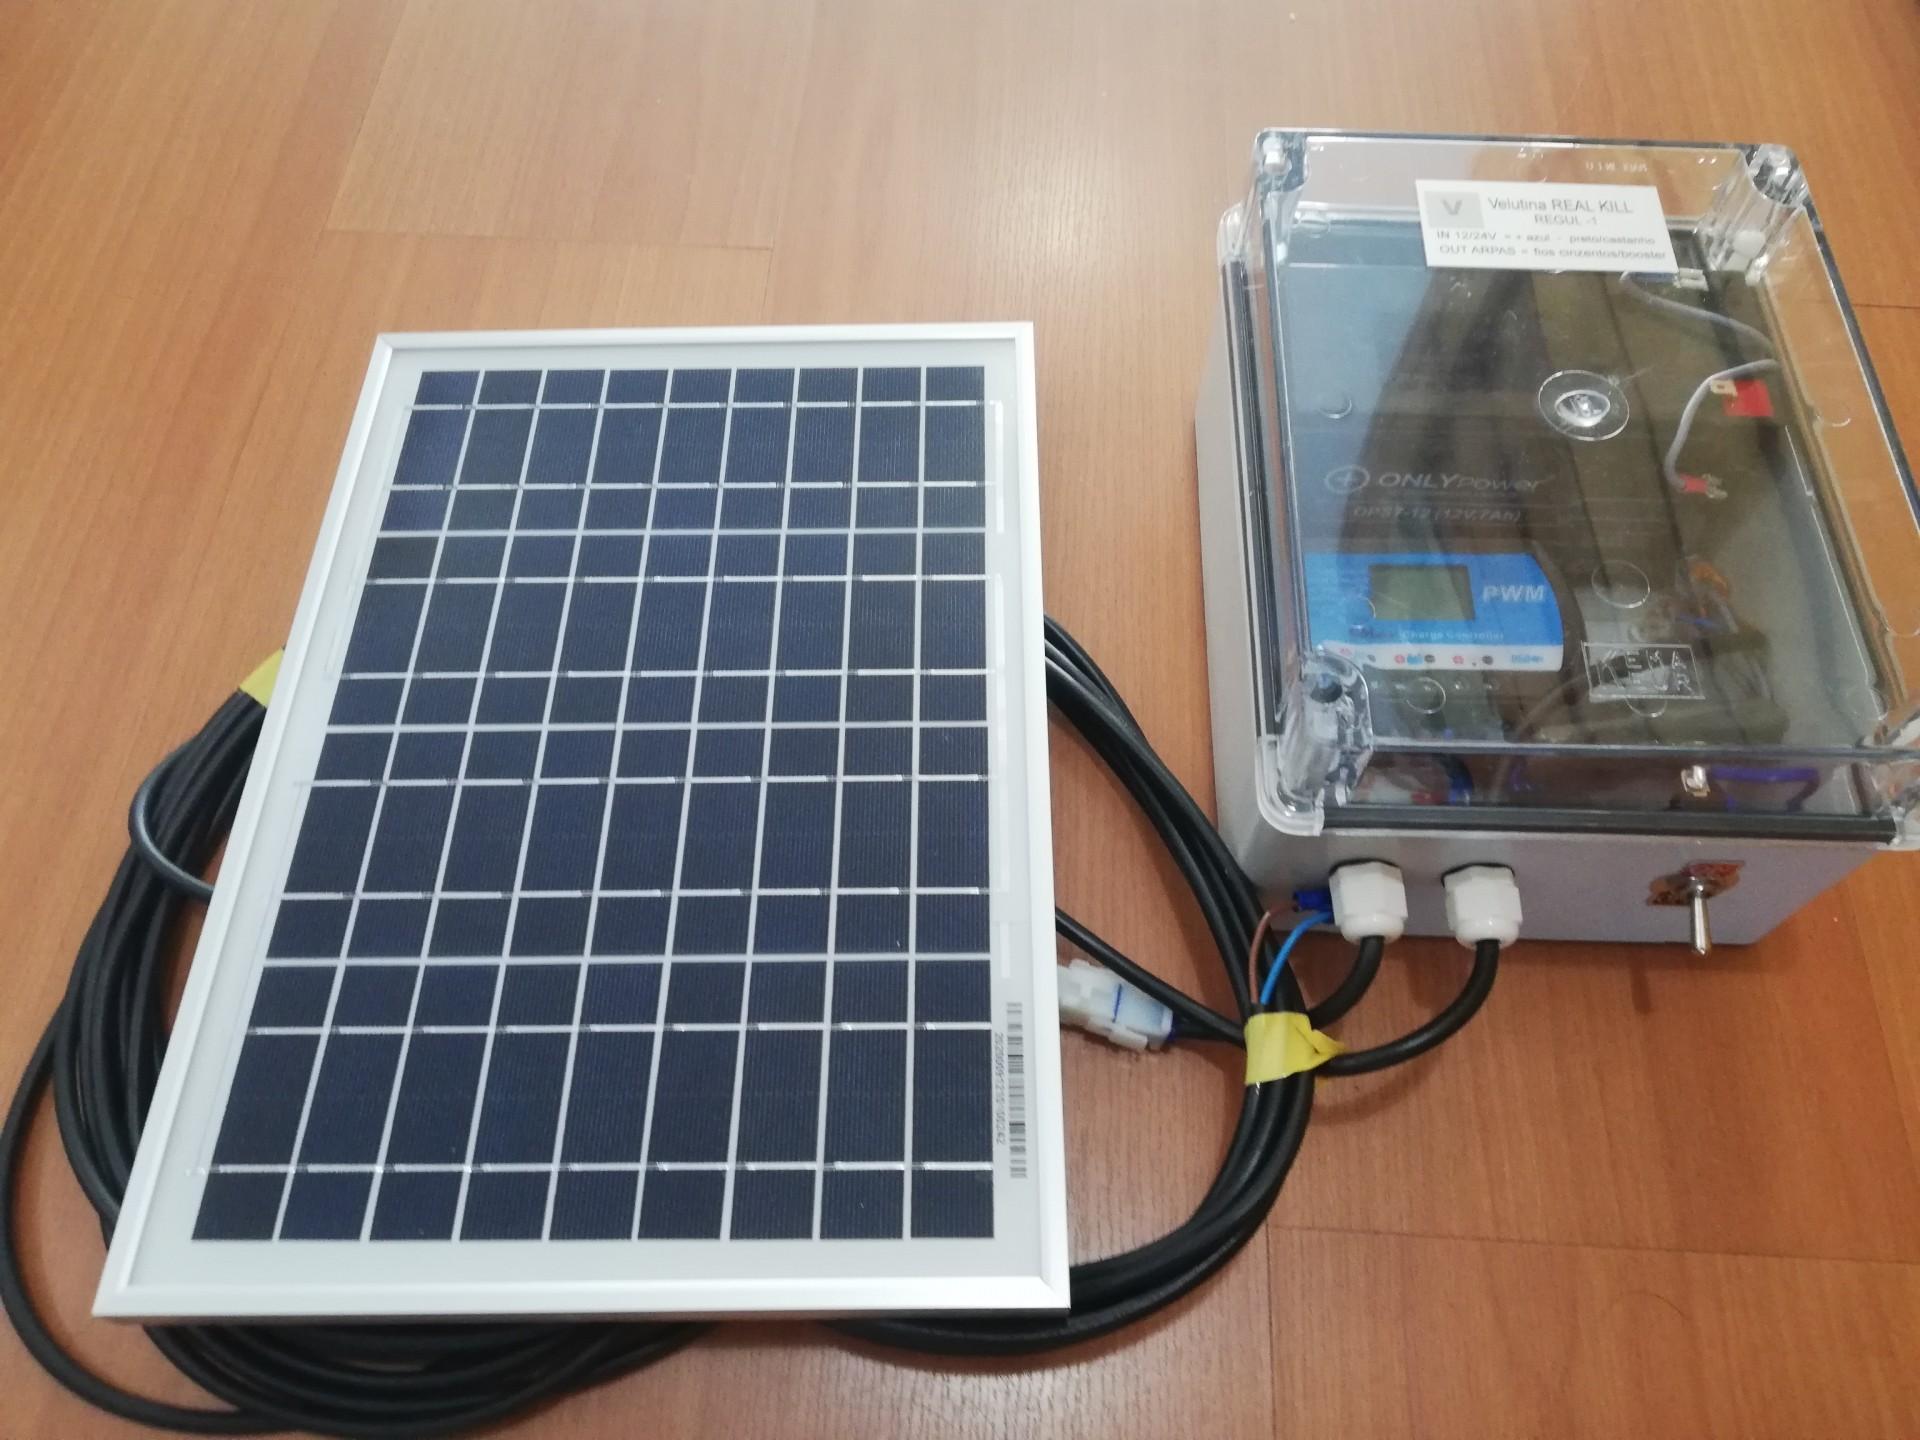 Kit regul 1 - Caixa Transparente com interrutor, electrónica 12/24 regulador de carga, bateria e Painel solar 12vdc